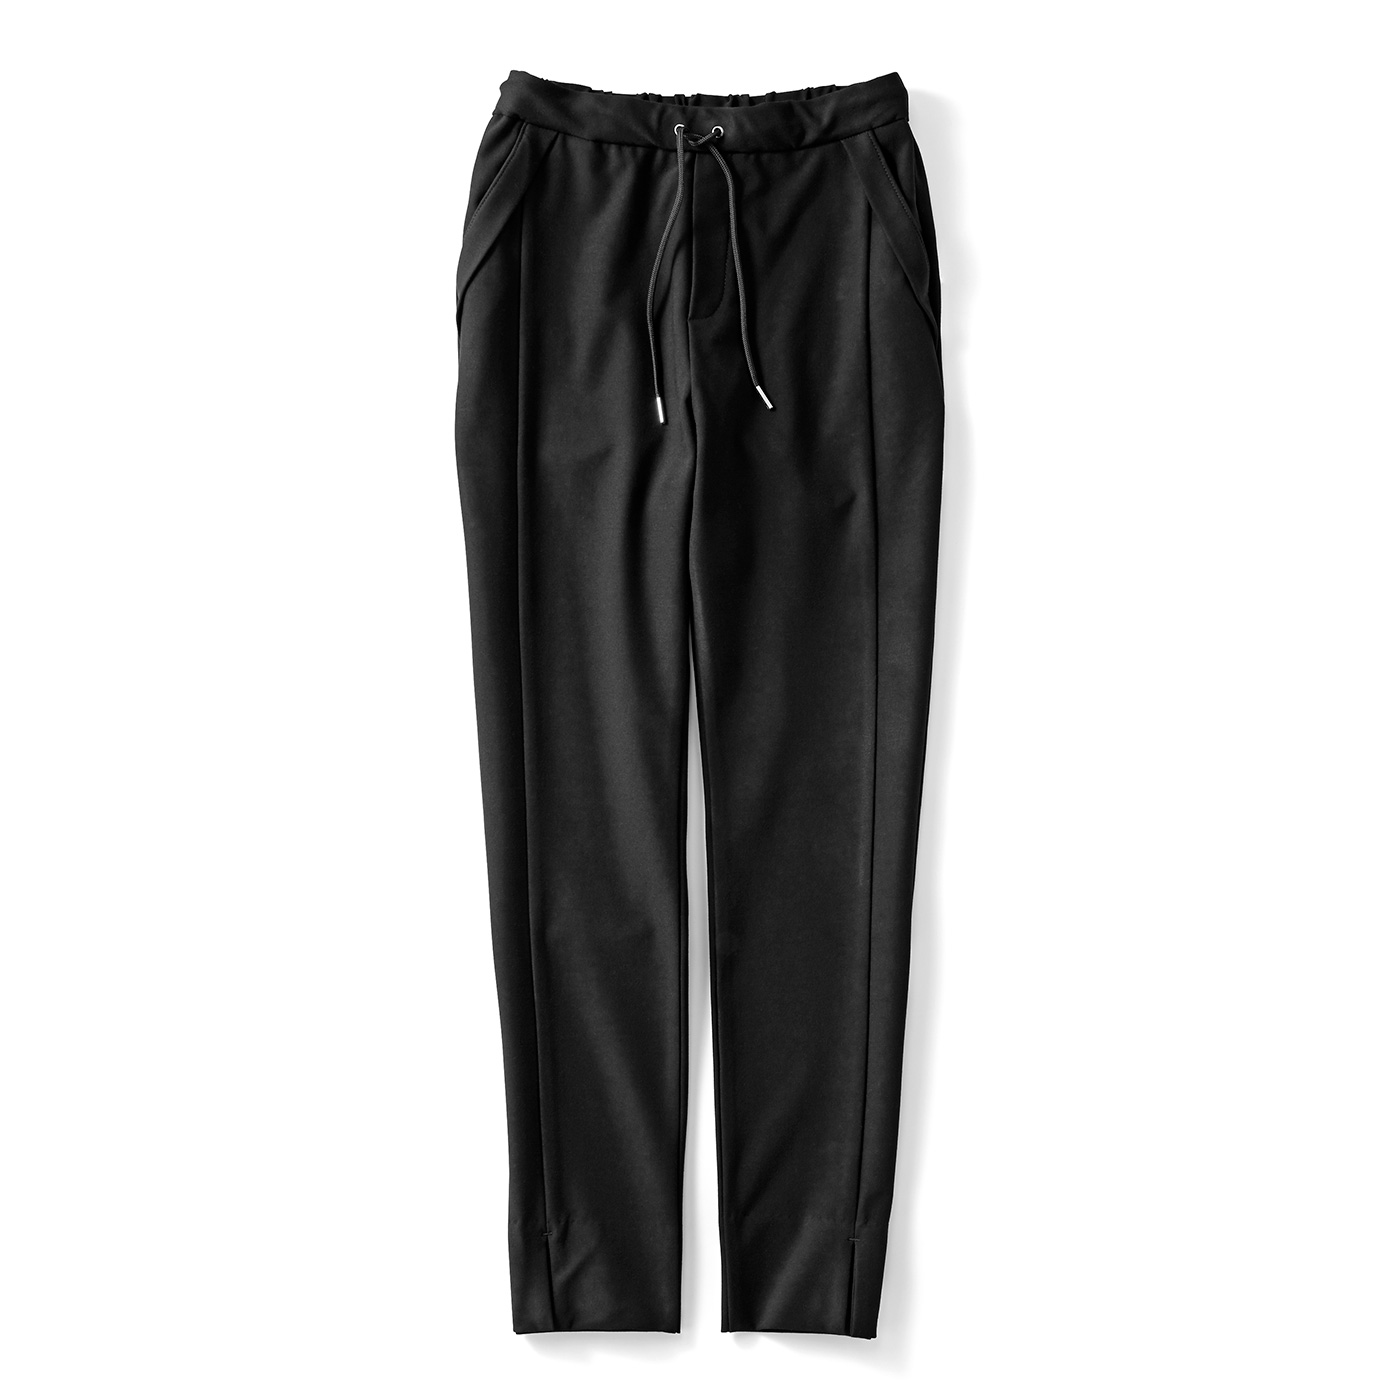 純黒スマートパンツ〈ブラック〉IE